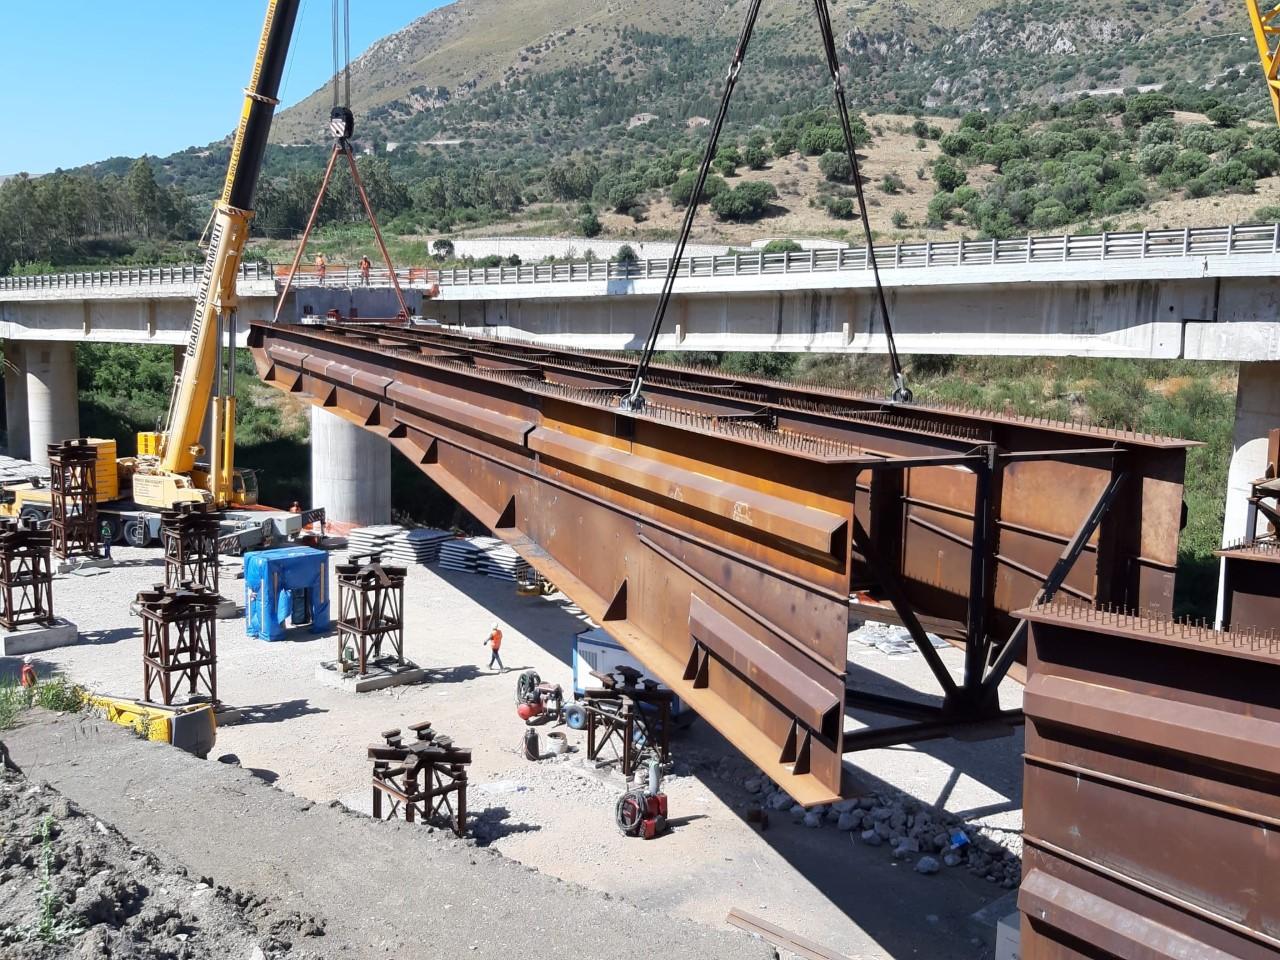 Aperto il nuovo viadotto Himera sull'A19: finisce un calvario durato 5 anni